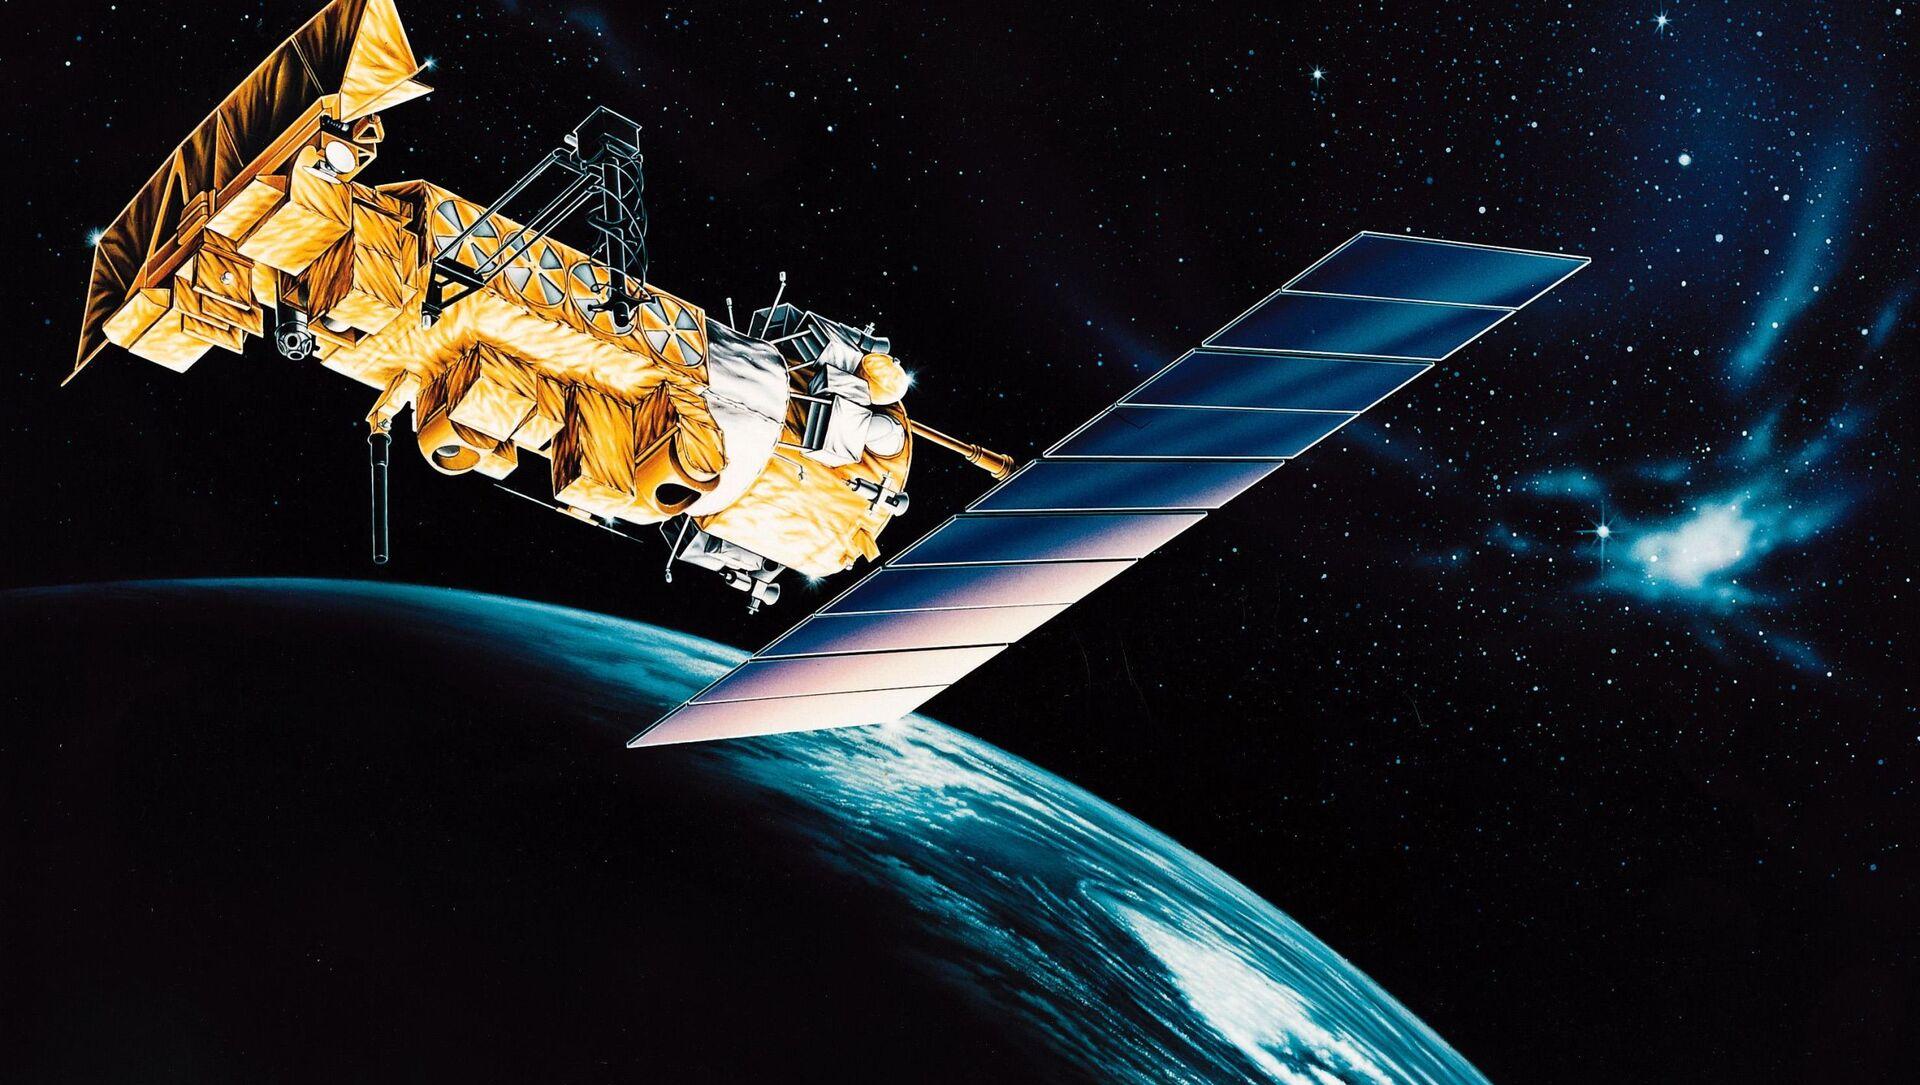 Artystyczne przedstawienie amerykańskiego satelity meteorologicznego NOAA 17. - Sputnik Polska, 1920, 19.03.2021